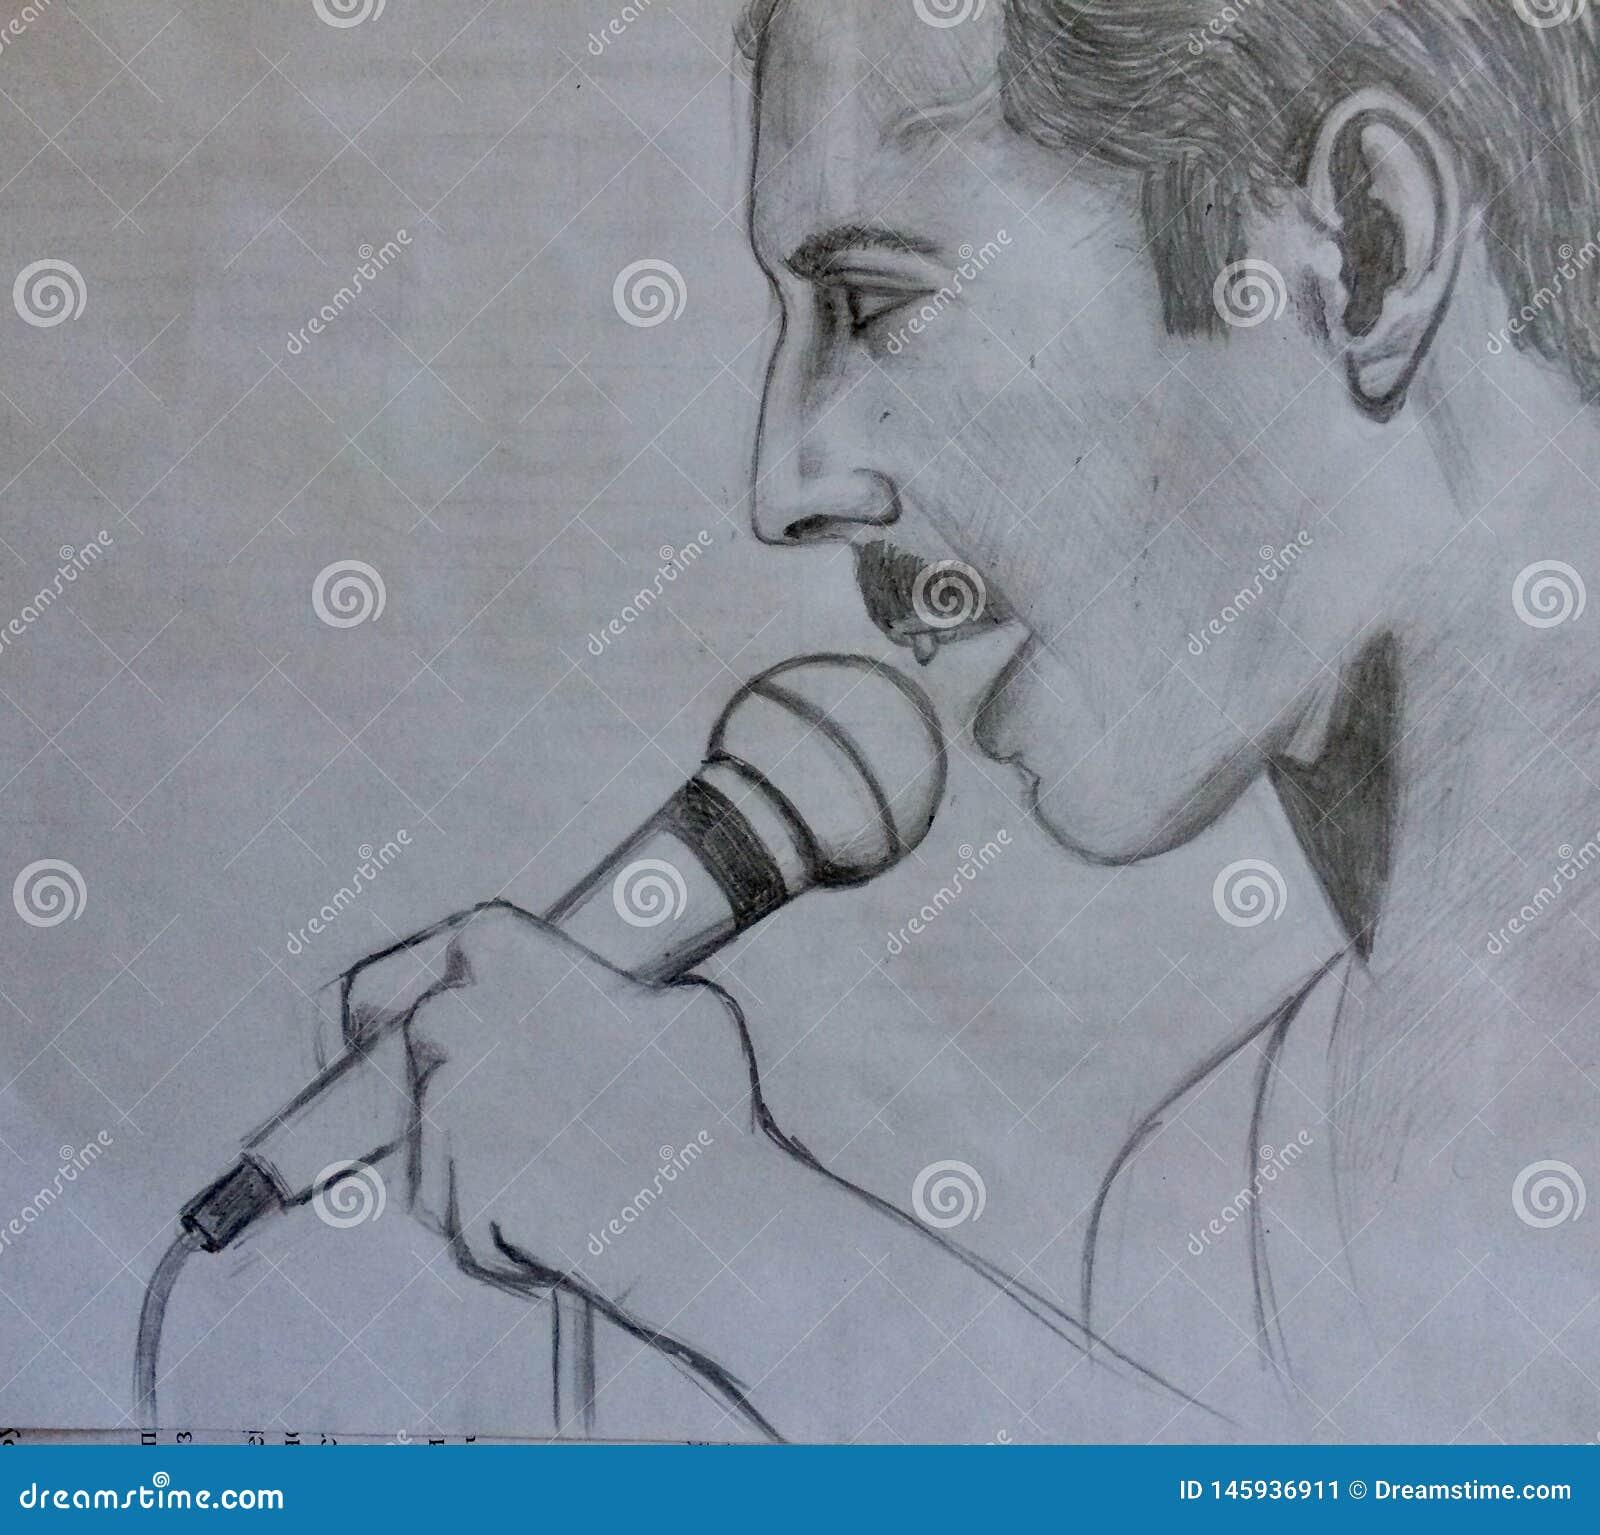 Freddie Mercury Mi retrato leyenda